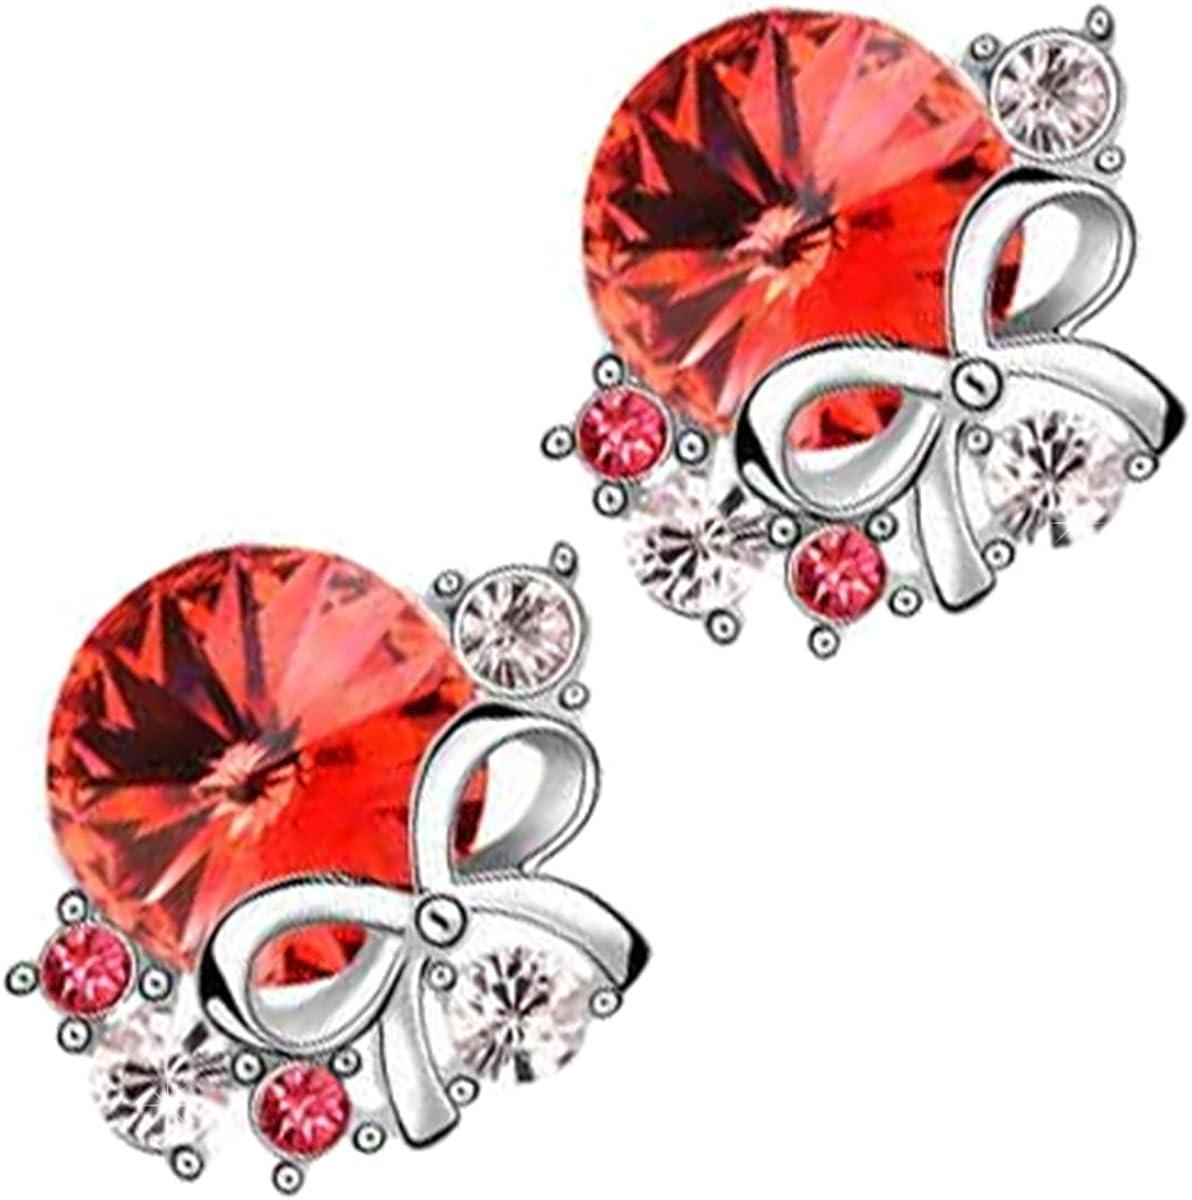 GWG Jewellery Pendientes Mujer Regalo Pendientes, Chapados en Plata de Ley Cristal Central de Colores Varios Decorado con 5 Cristales Brillantes Diamante Claros y Lazo de Fiesta para Mujeres